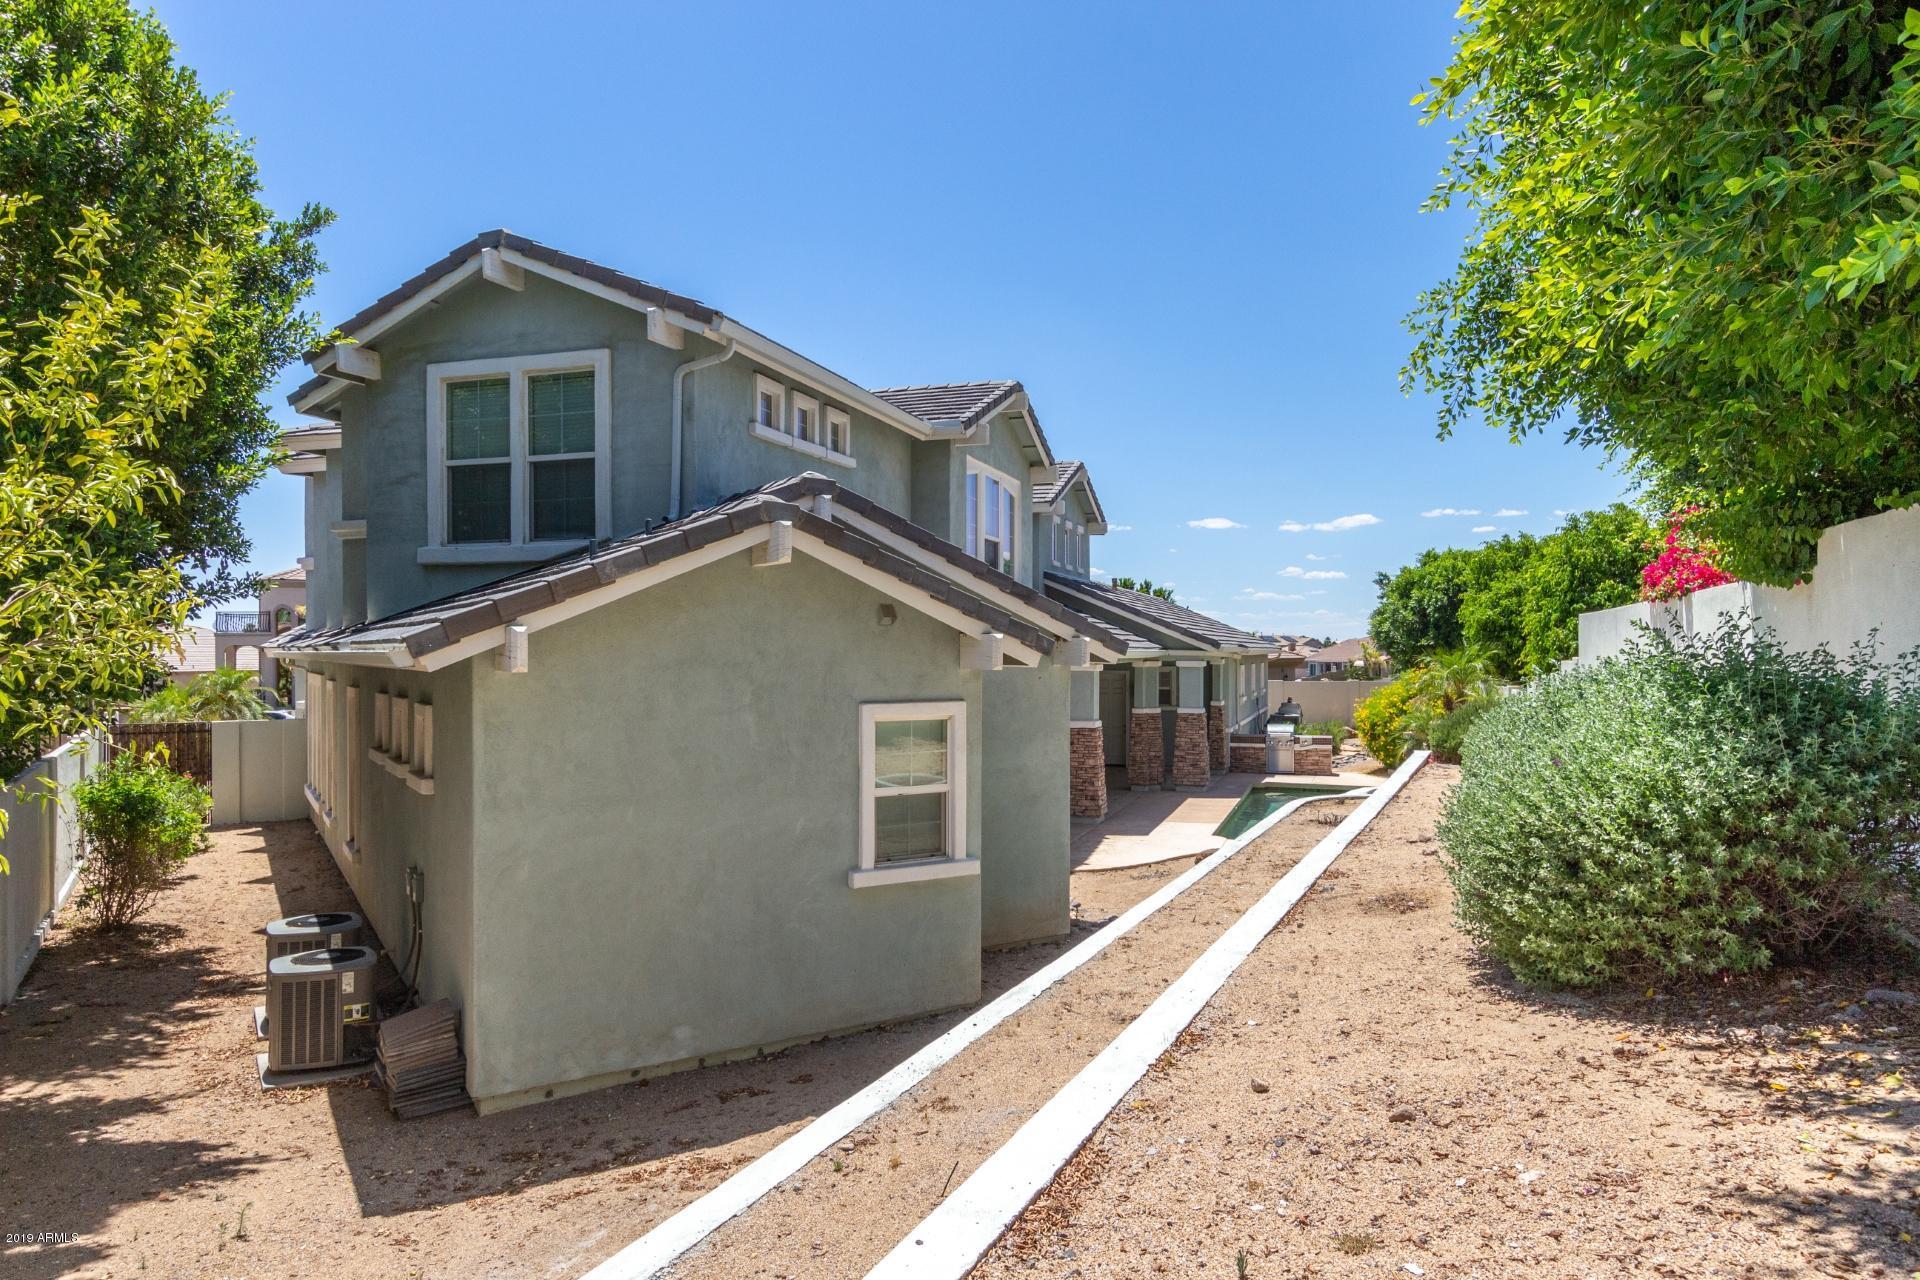 MLS 5933848 20732 N 51ST Drive, Glendale, AZ 85308 Glendale AZ REO Bank Owned Foreclosure